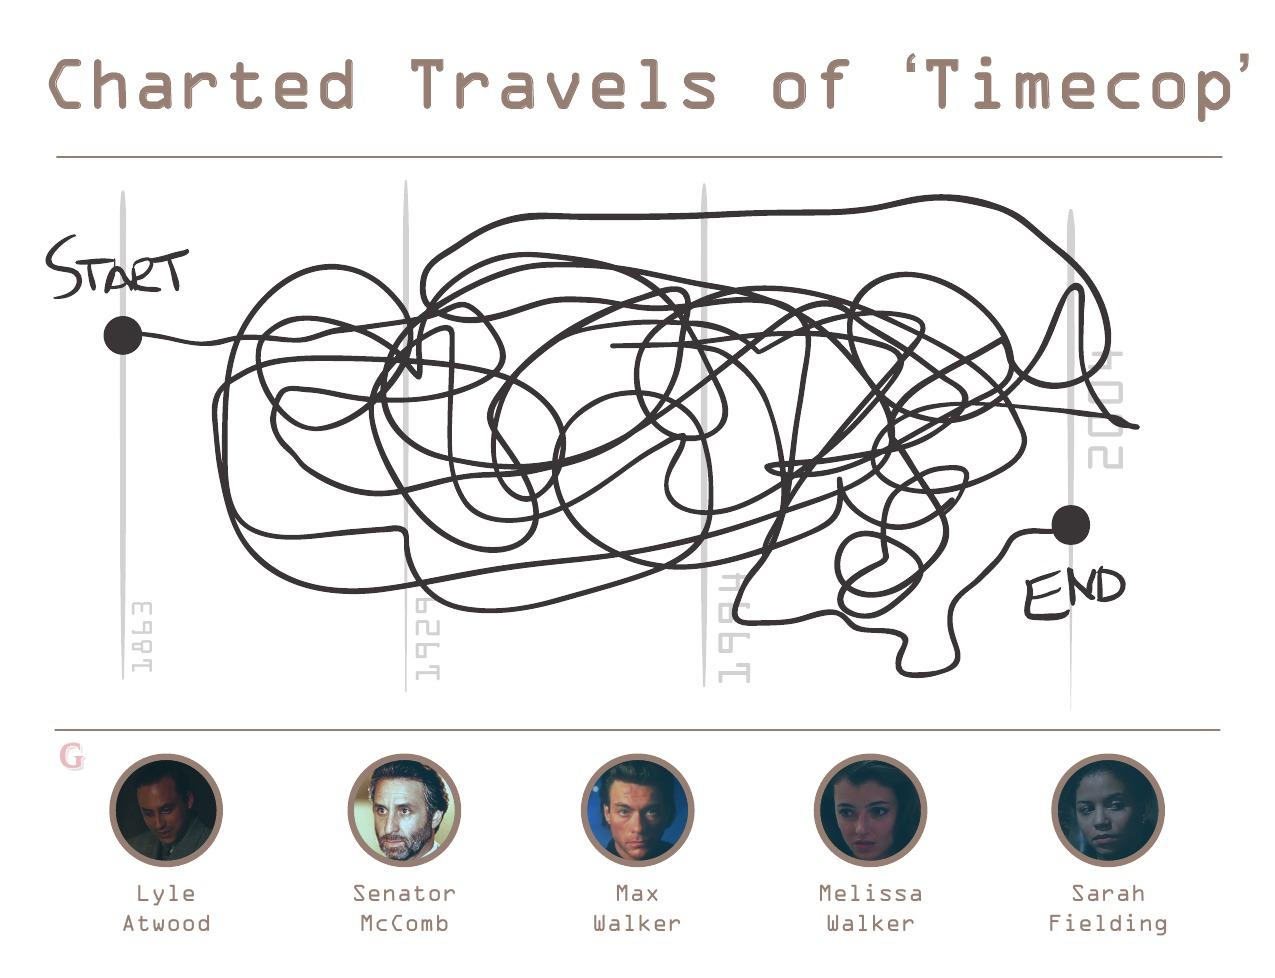 timecop_chart2